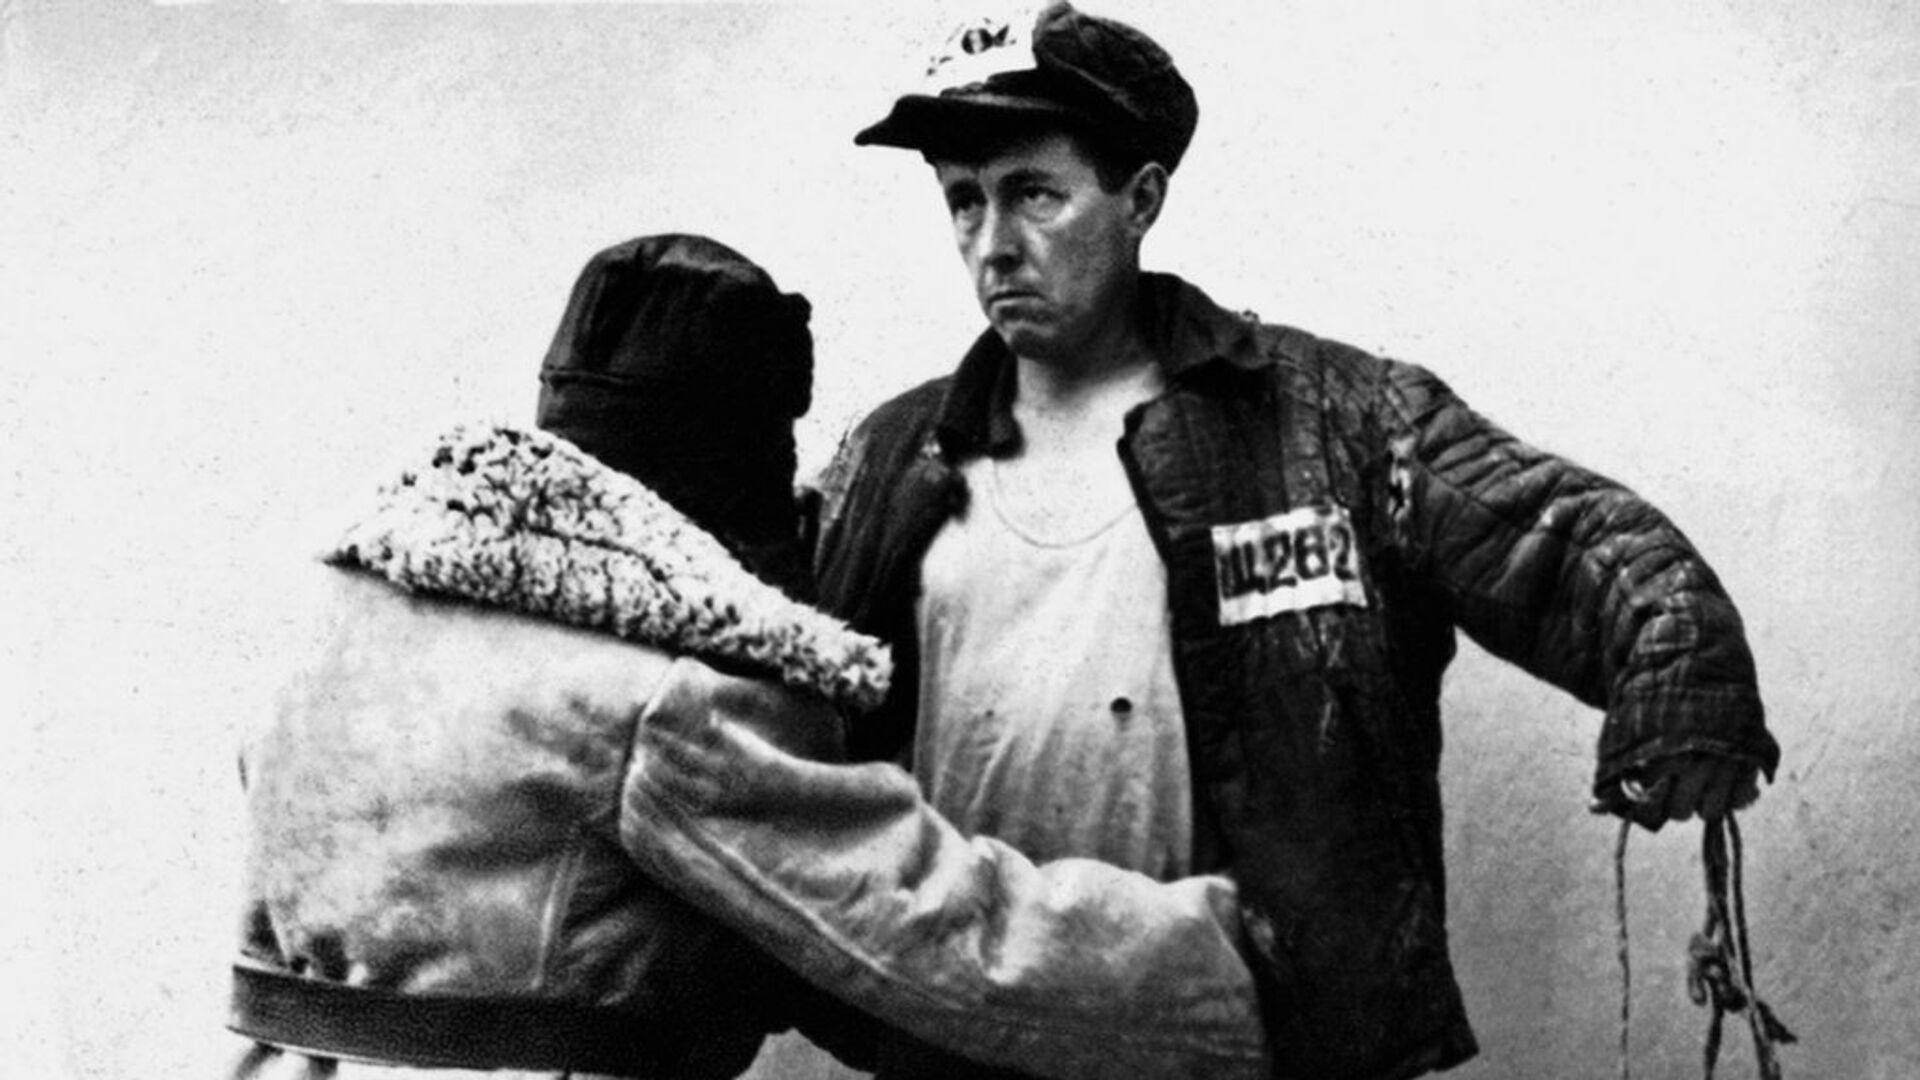 Ссыльный Александр Солженицын в лагерной телогрейке, 1953 год - РИА Новости, 1920, 30.10.2017